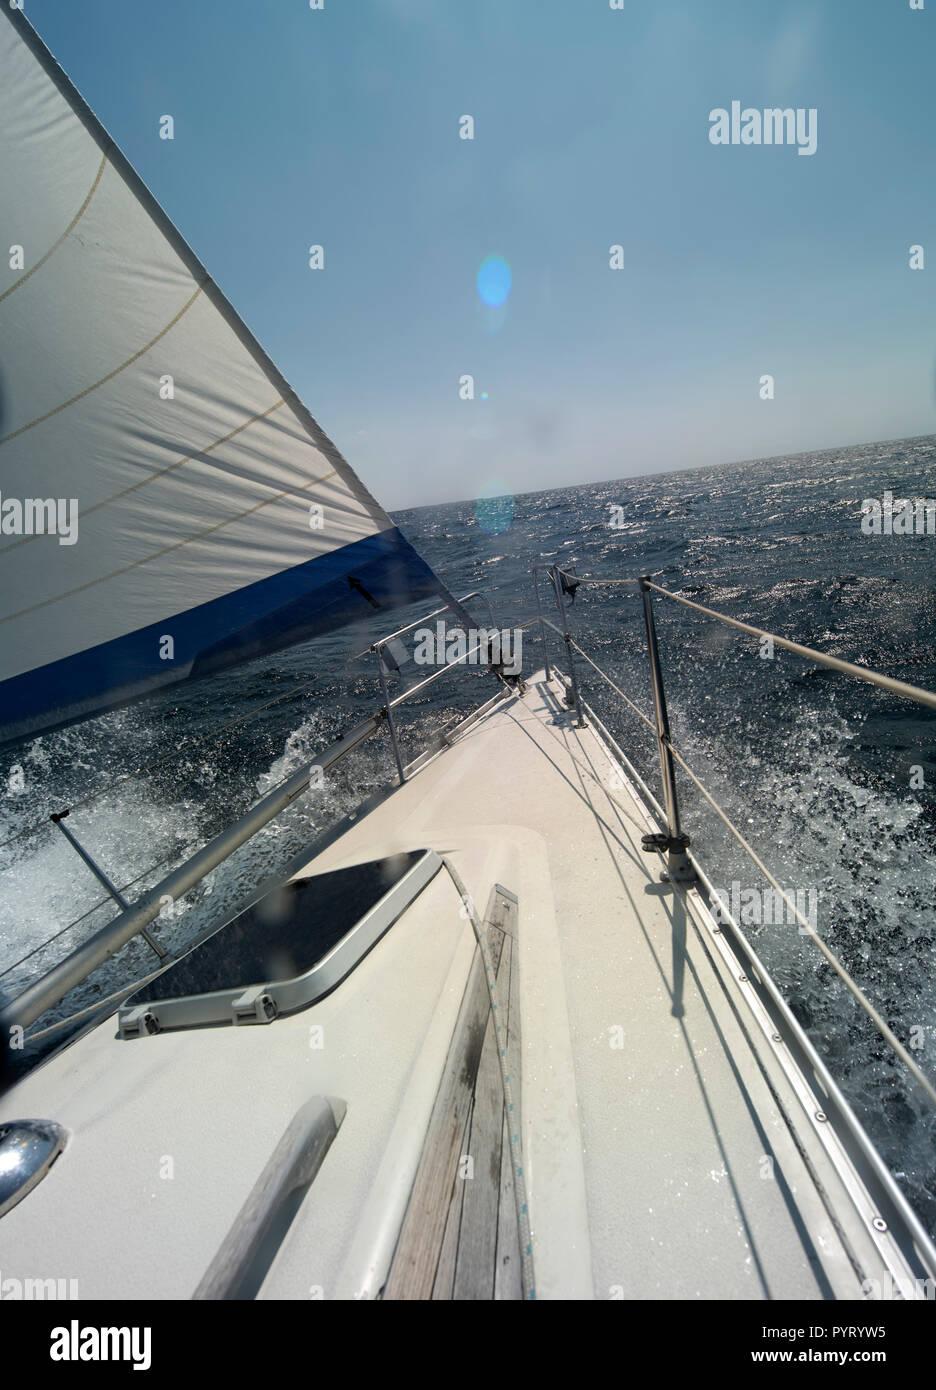 Una vela è una struttura di trazione-realizzata in tessuto o in altri materiali di membrana che utilizza il potere di vento per la propulsione di imbarcazioni a vela, comprese le navi a vela, vela Immagini Stock